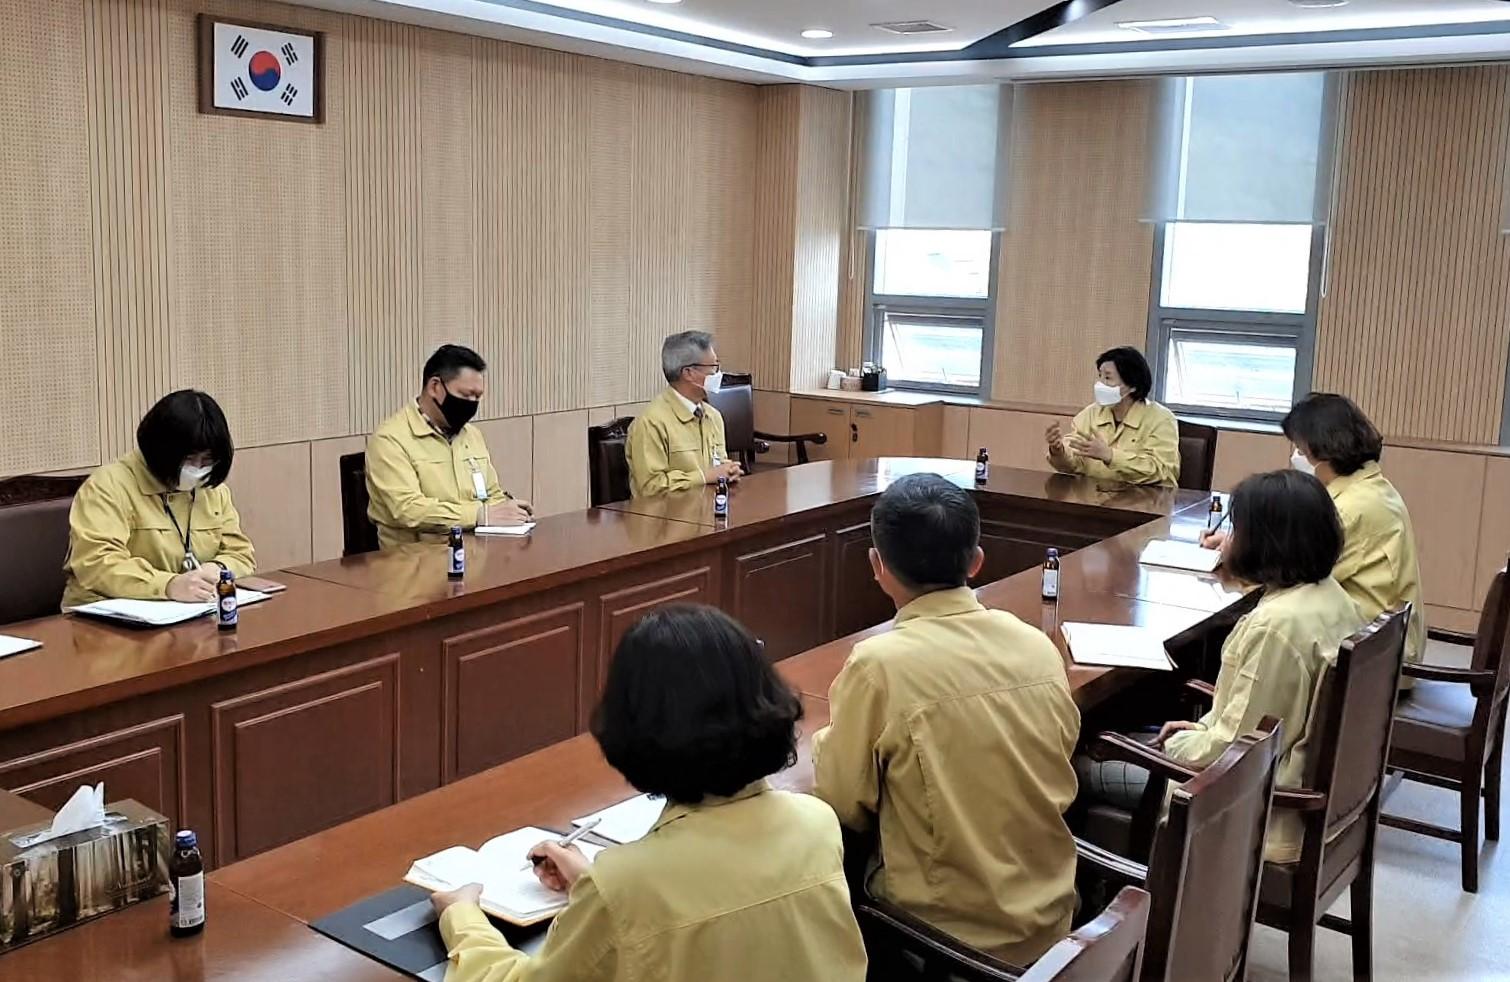 코로나19 예방을 위한 상호협력체계 구축 관계관 회의